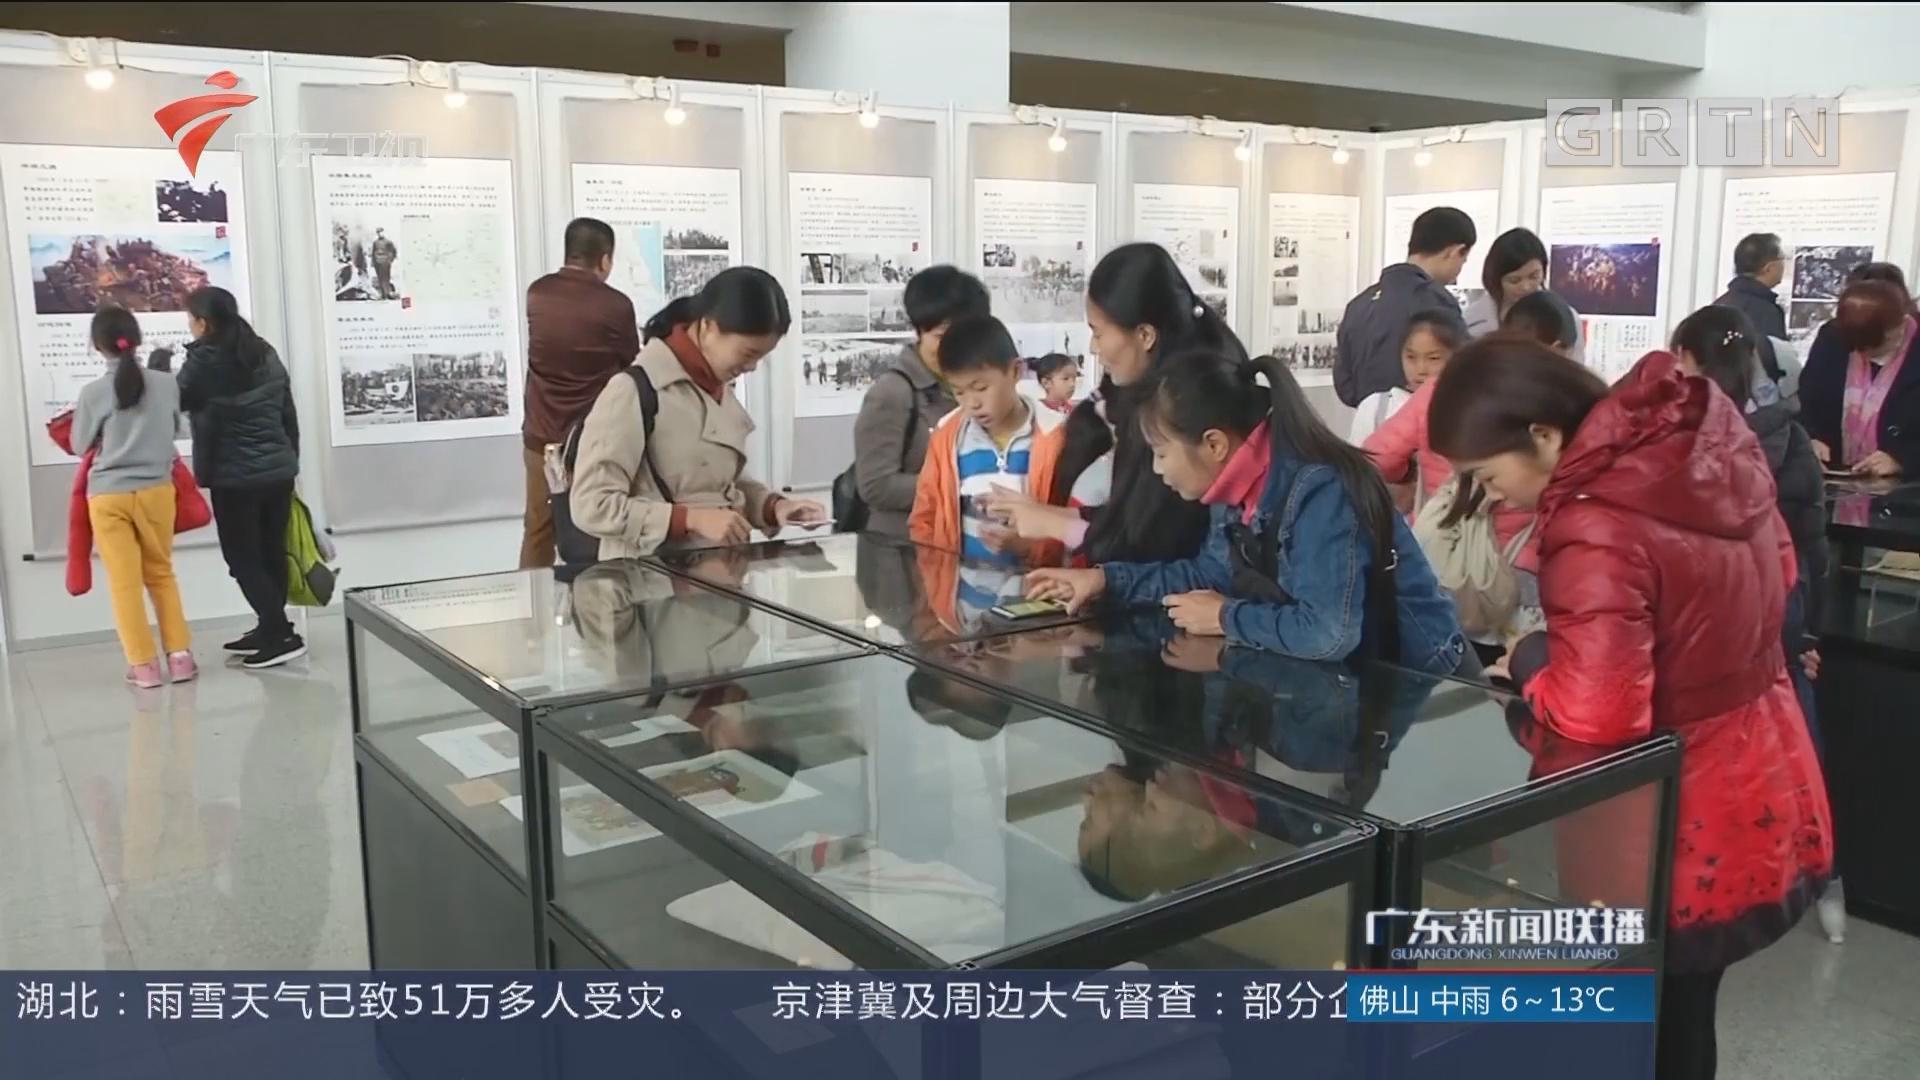 纪念新四军成立80周年回顾展今起深圳巡展